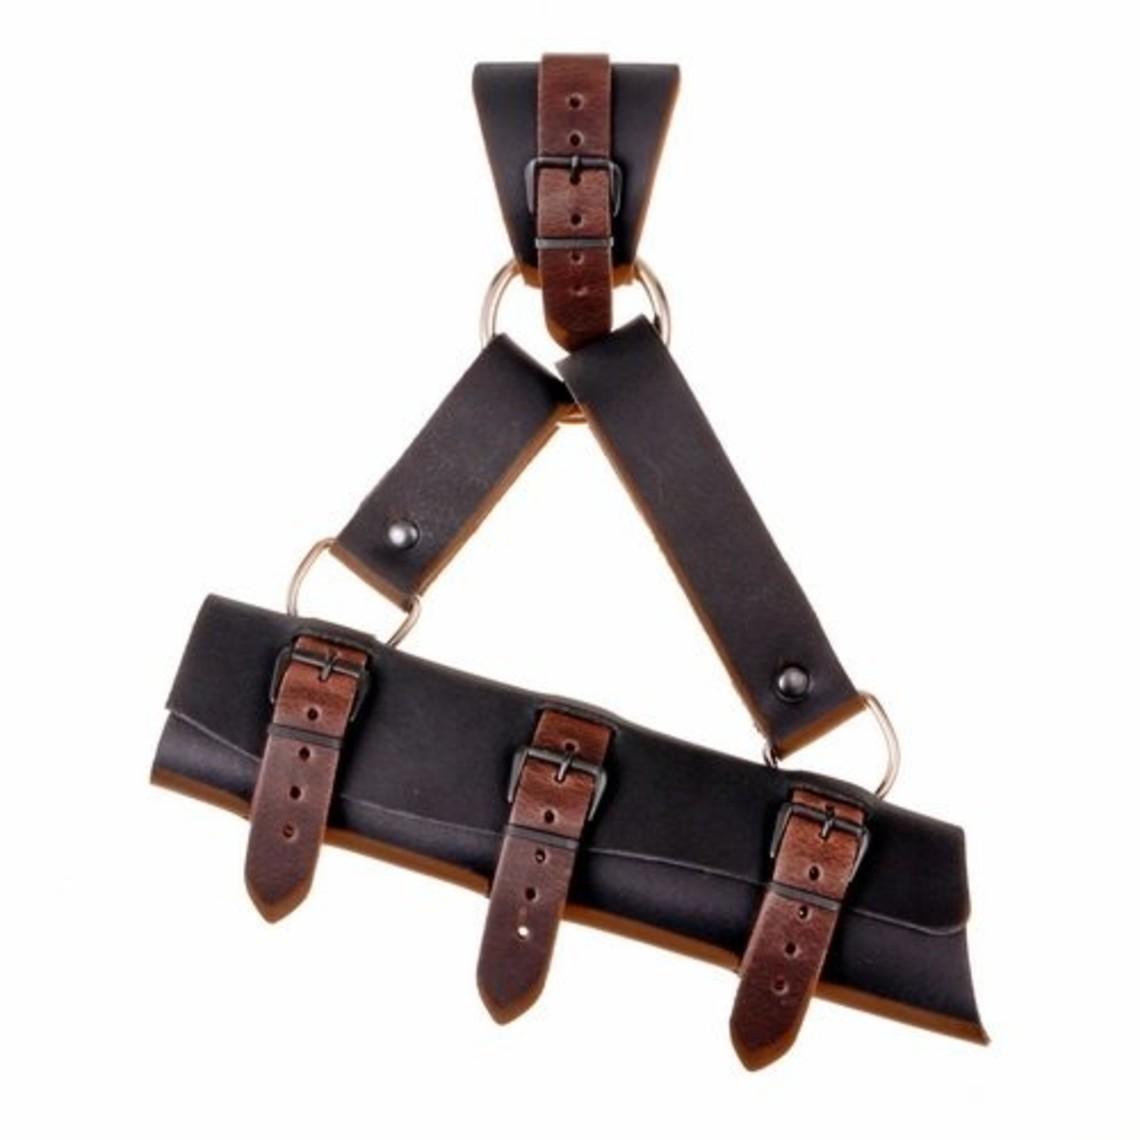 titular de la espada de lujo para espadas LARP, marrón